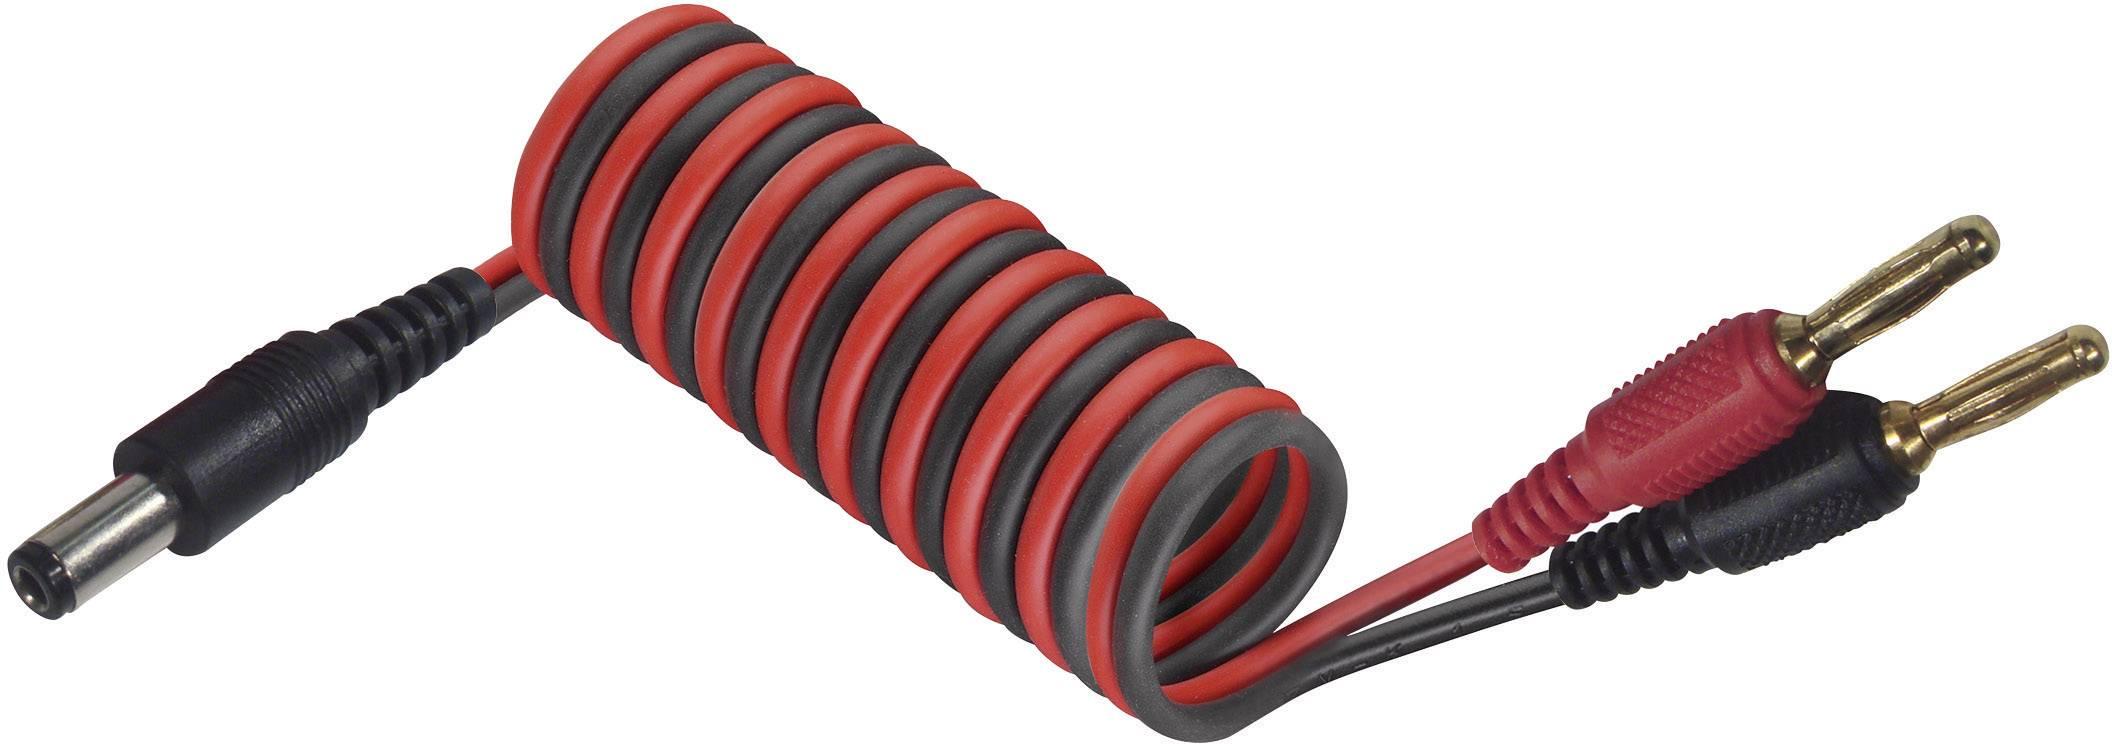 Napájecí kabel vysílače Modelcraft, Futaba, 250 mm, 0,5 mm²